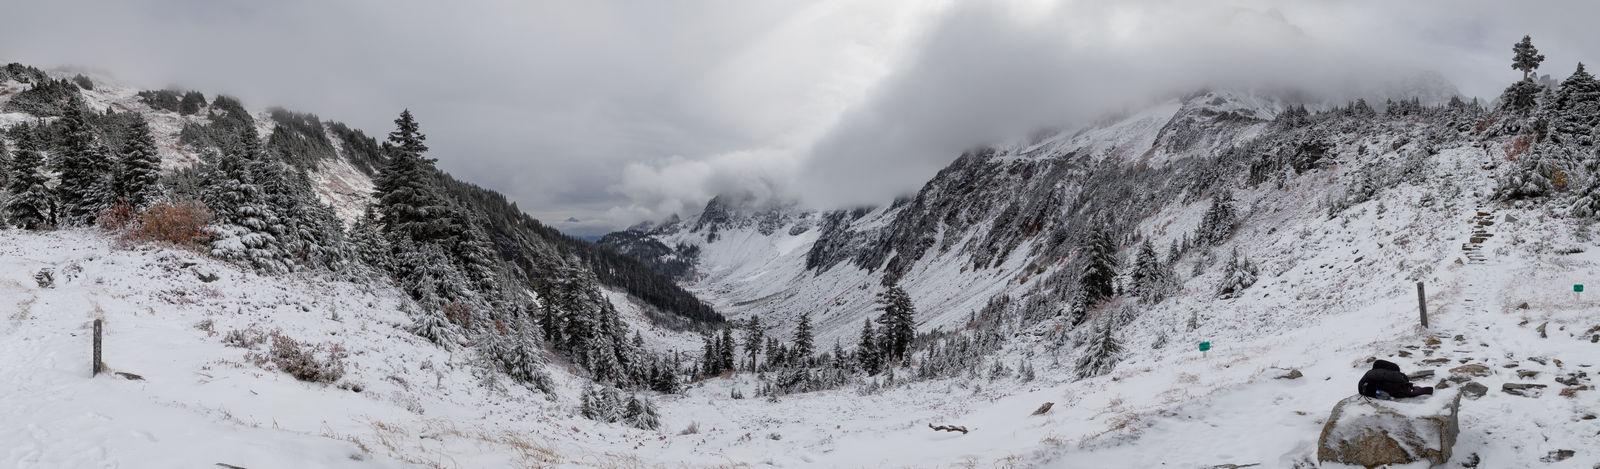 Y aquí está Cascade Pass